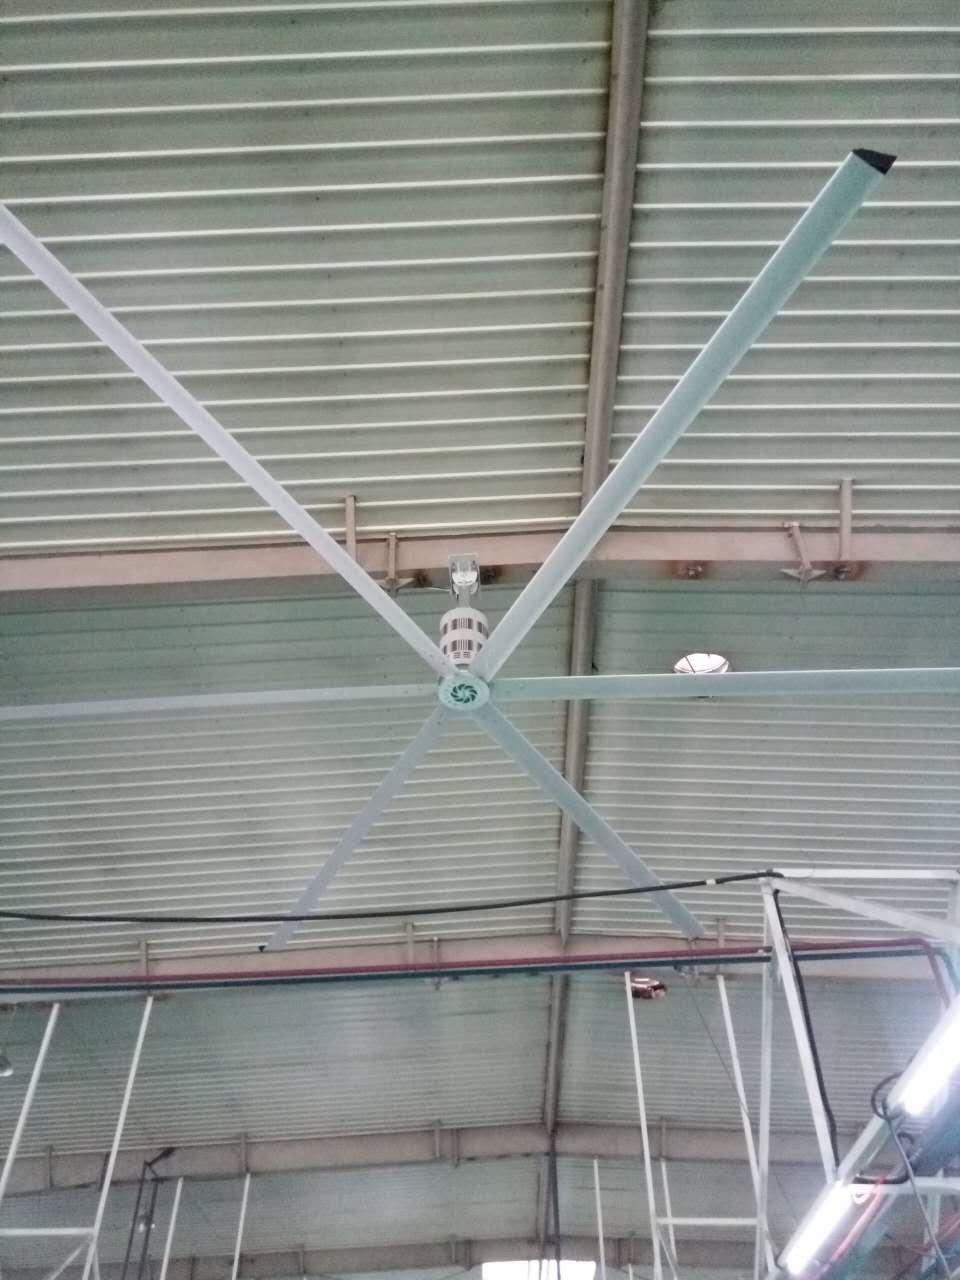 滁州定远县工业用地风扇要如何进行保养呢